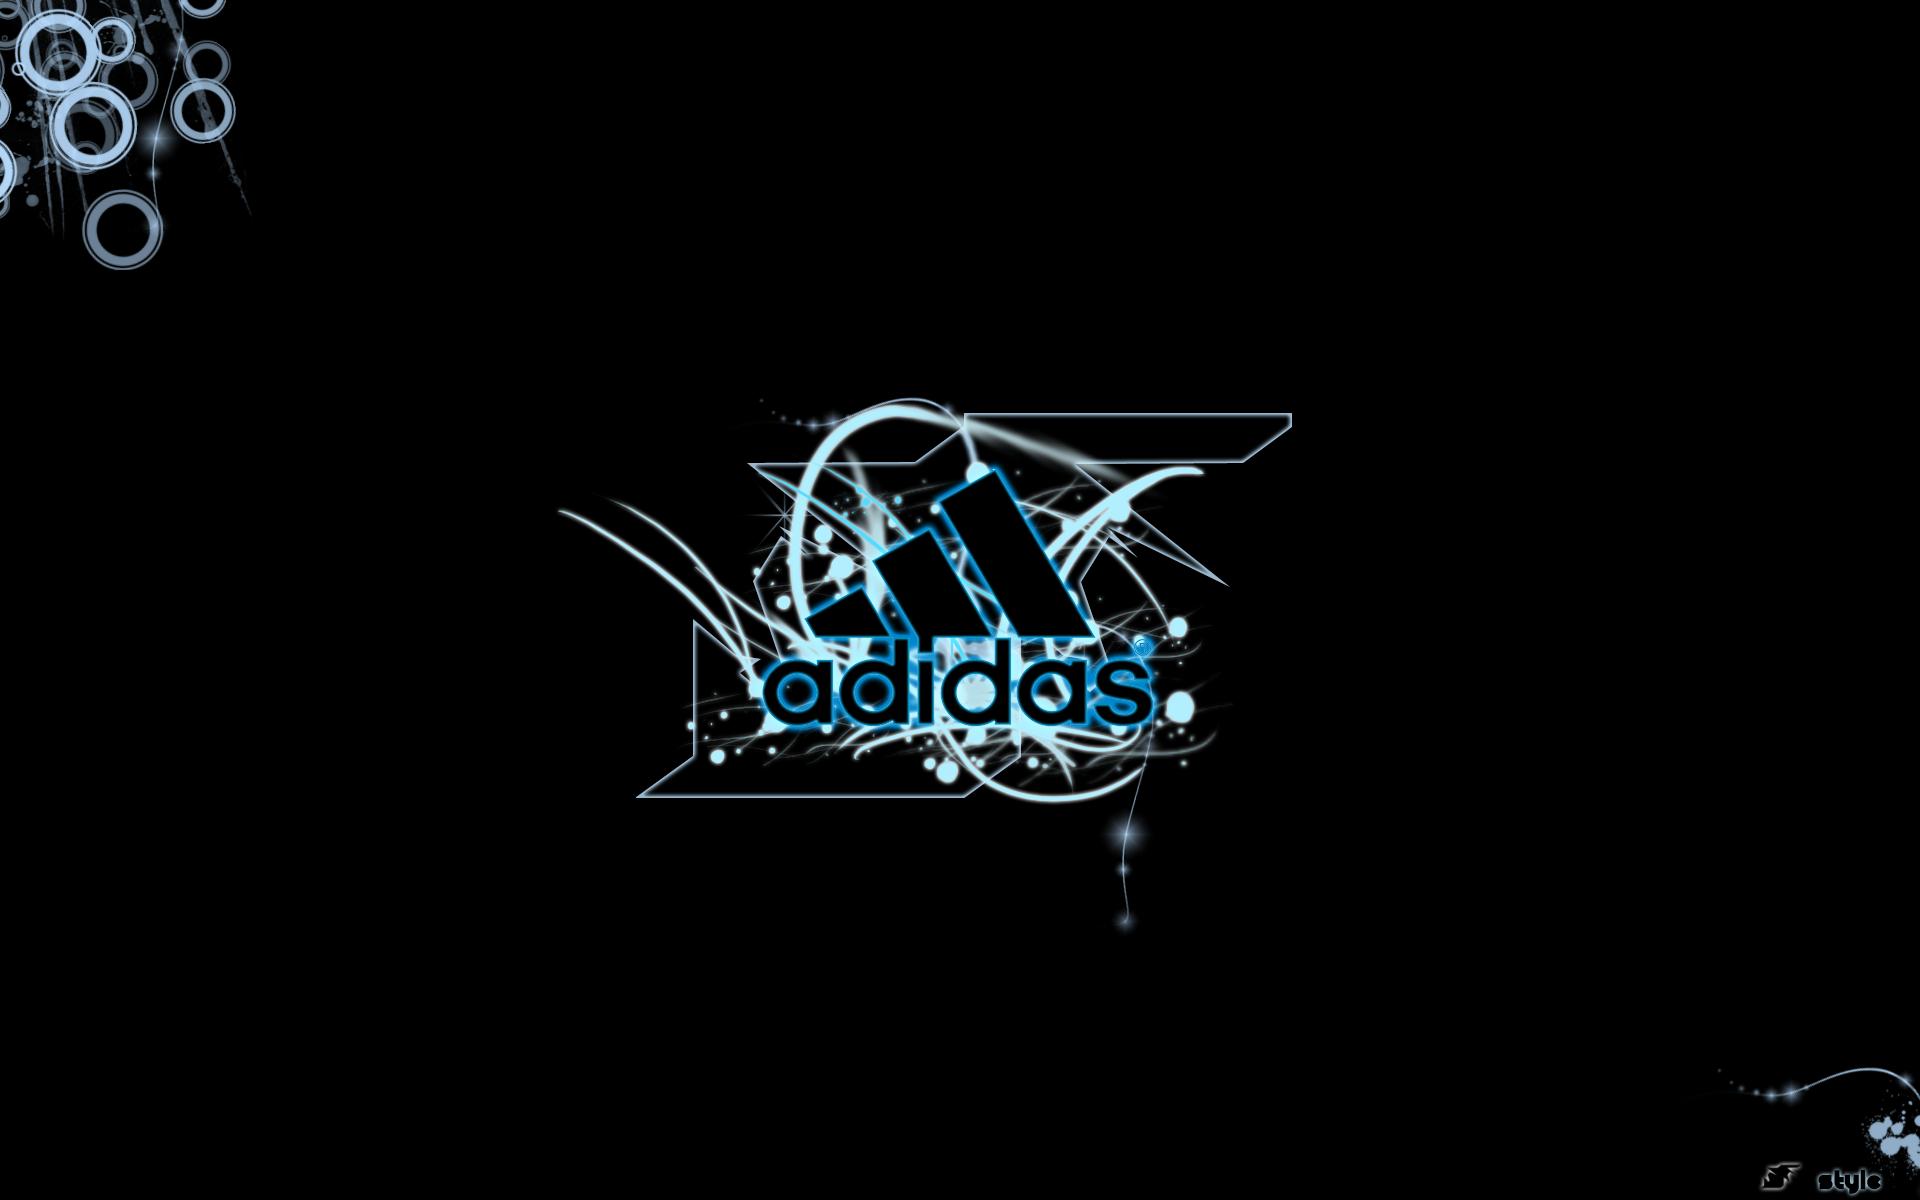 Adidas Wallpaper HD - WallpaperSafari